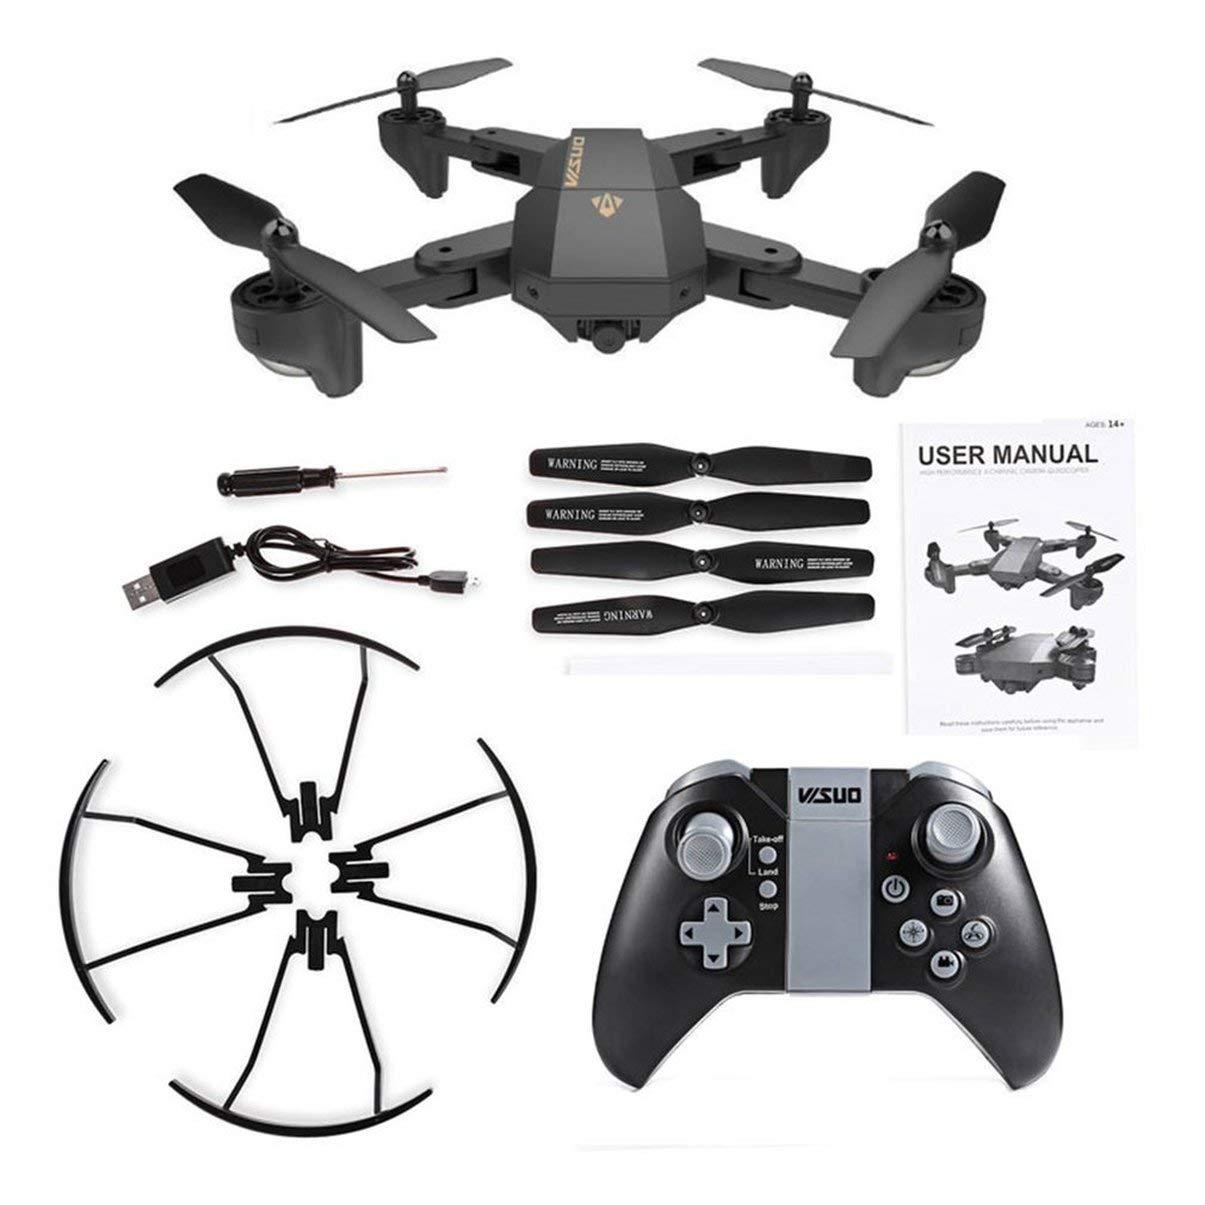 JullyeleDEgant Faltbare 2,4G 4-Achsen-Drohne Spielzeug Indoor & Outdoor RC Quadcopter Luftbild Fotografie Stütze Headless Mode One Key Return